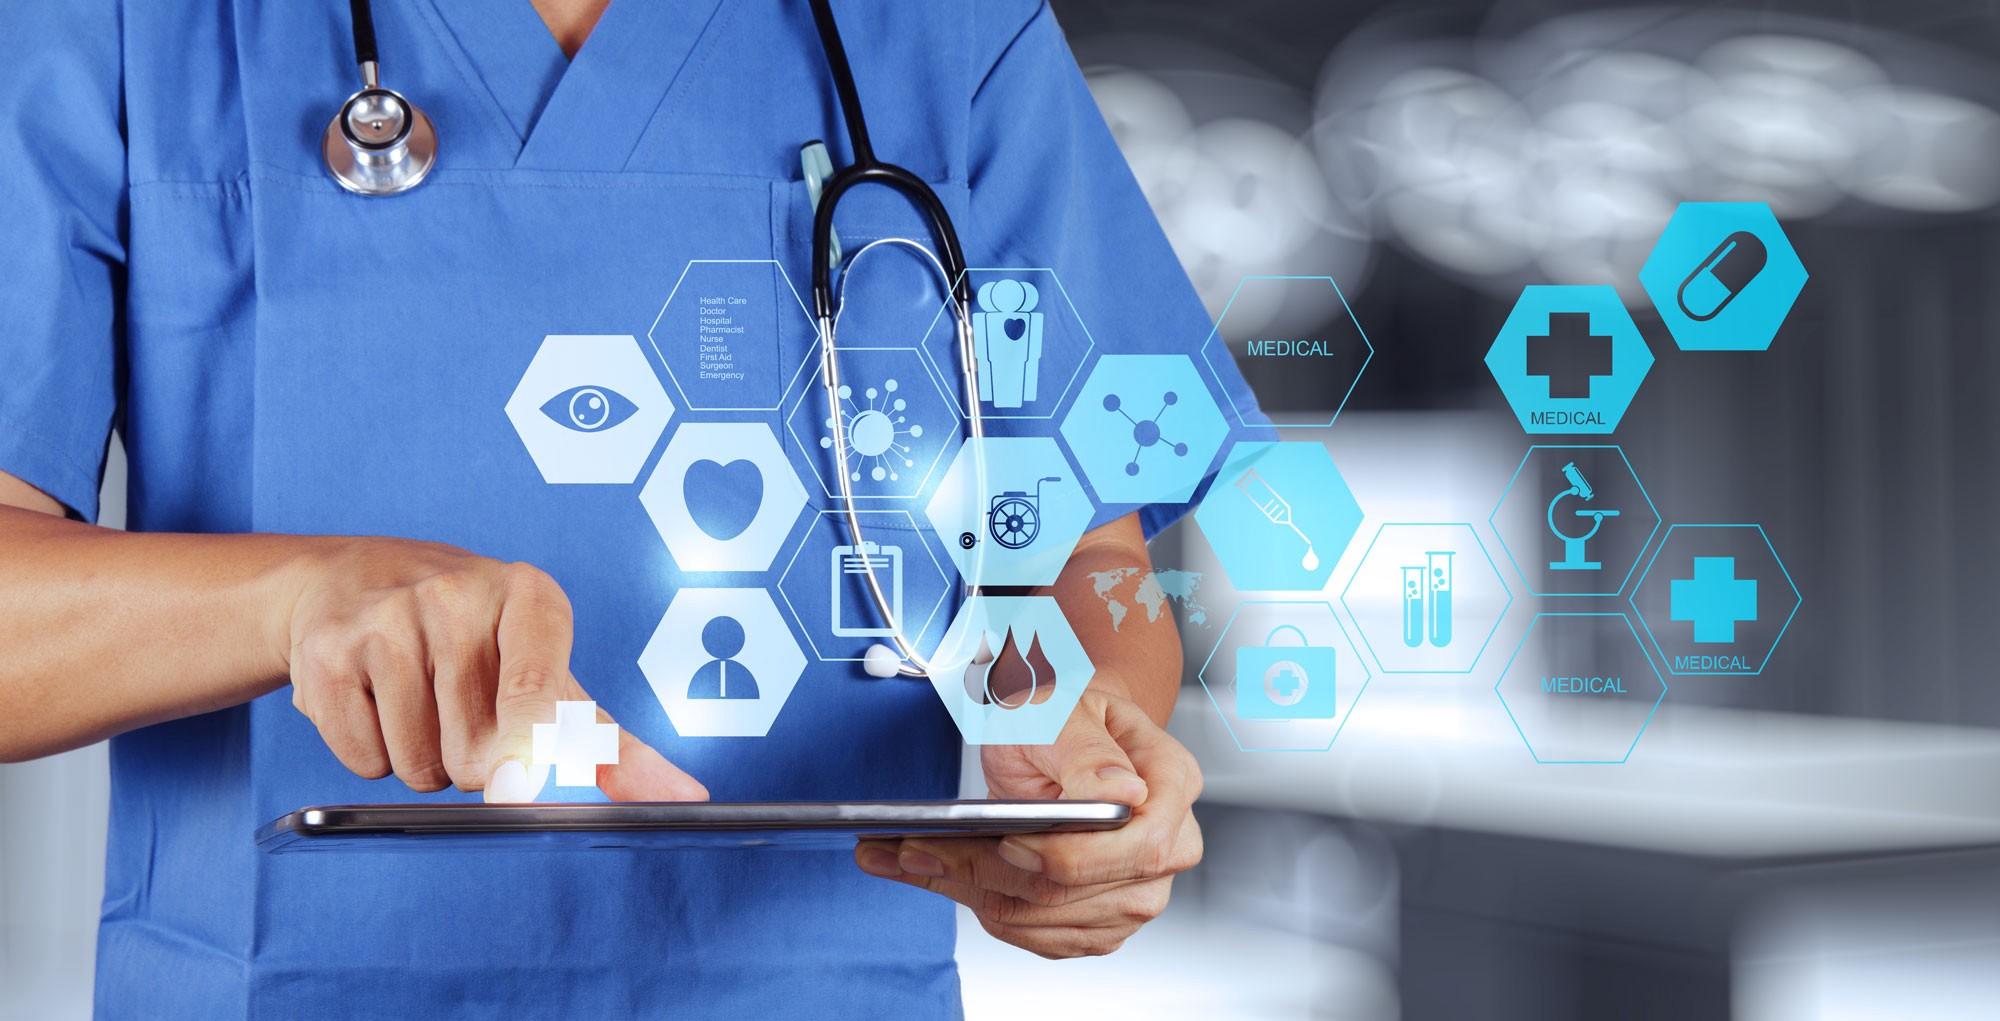 Dosarele medicale, țintă atractivă pentru atacurile informatice